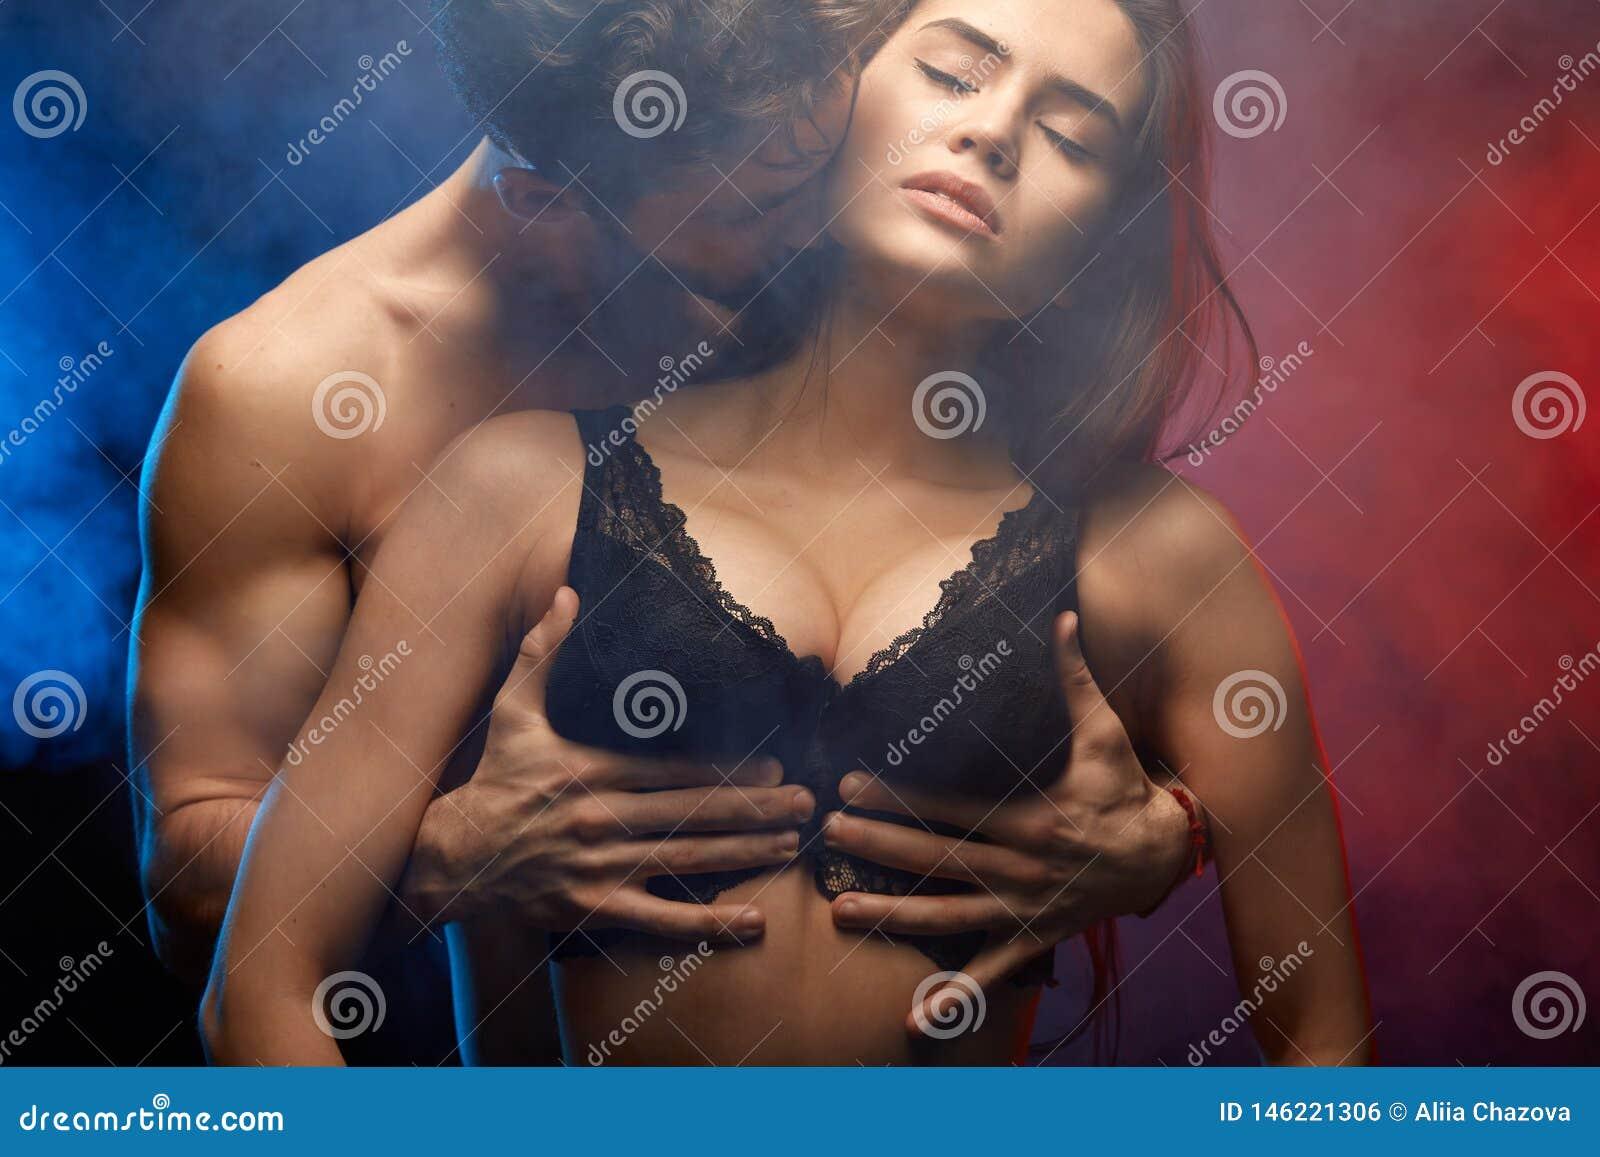 Breast Kiss